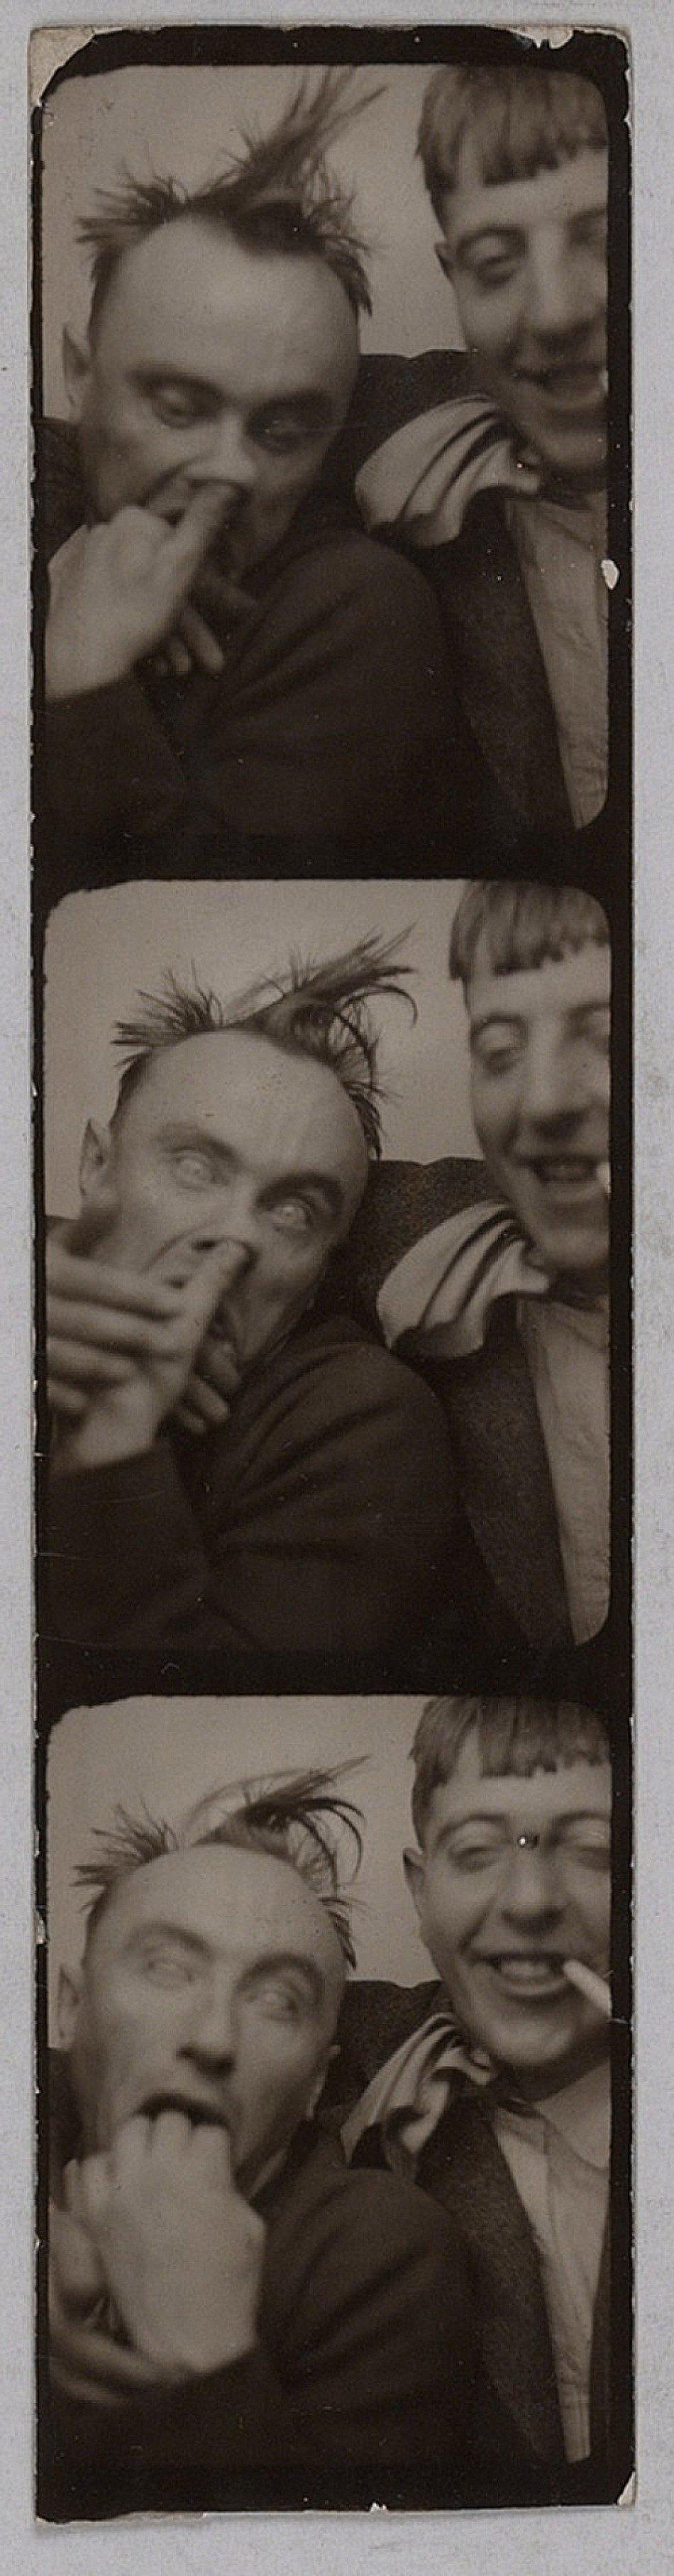 Yves Tanguy et Jacques Prevert